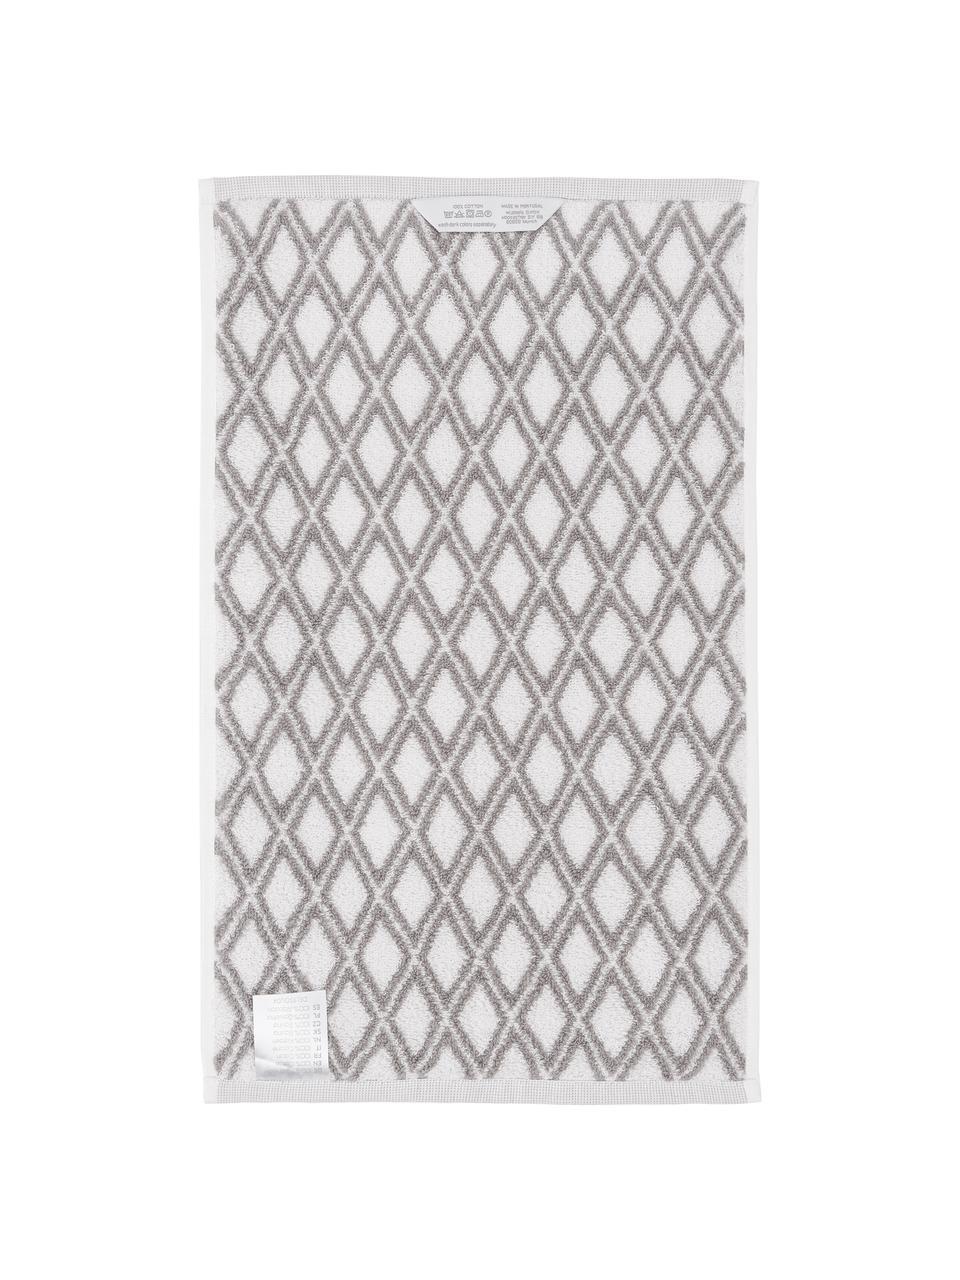 Serviette de toilette réversible en coton pur Ava, Gris, blanc crème